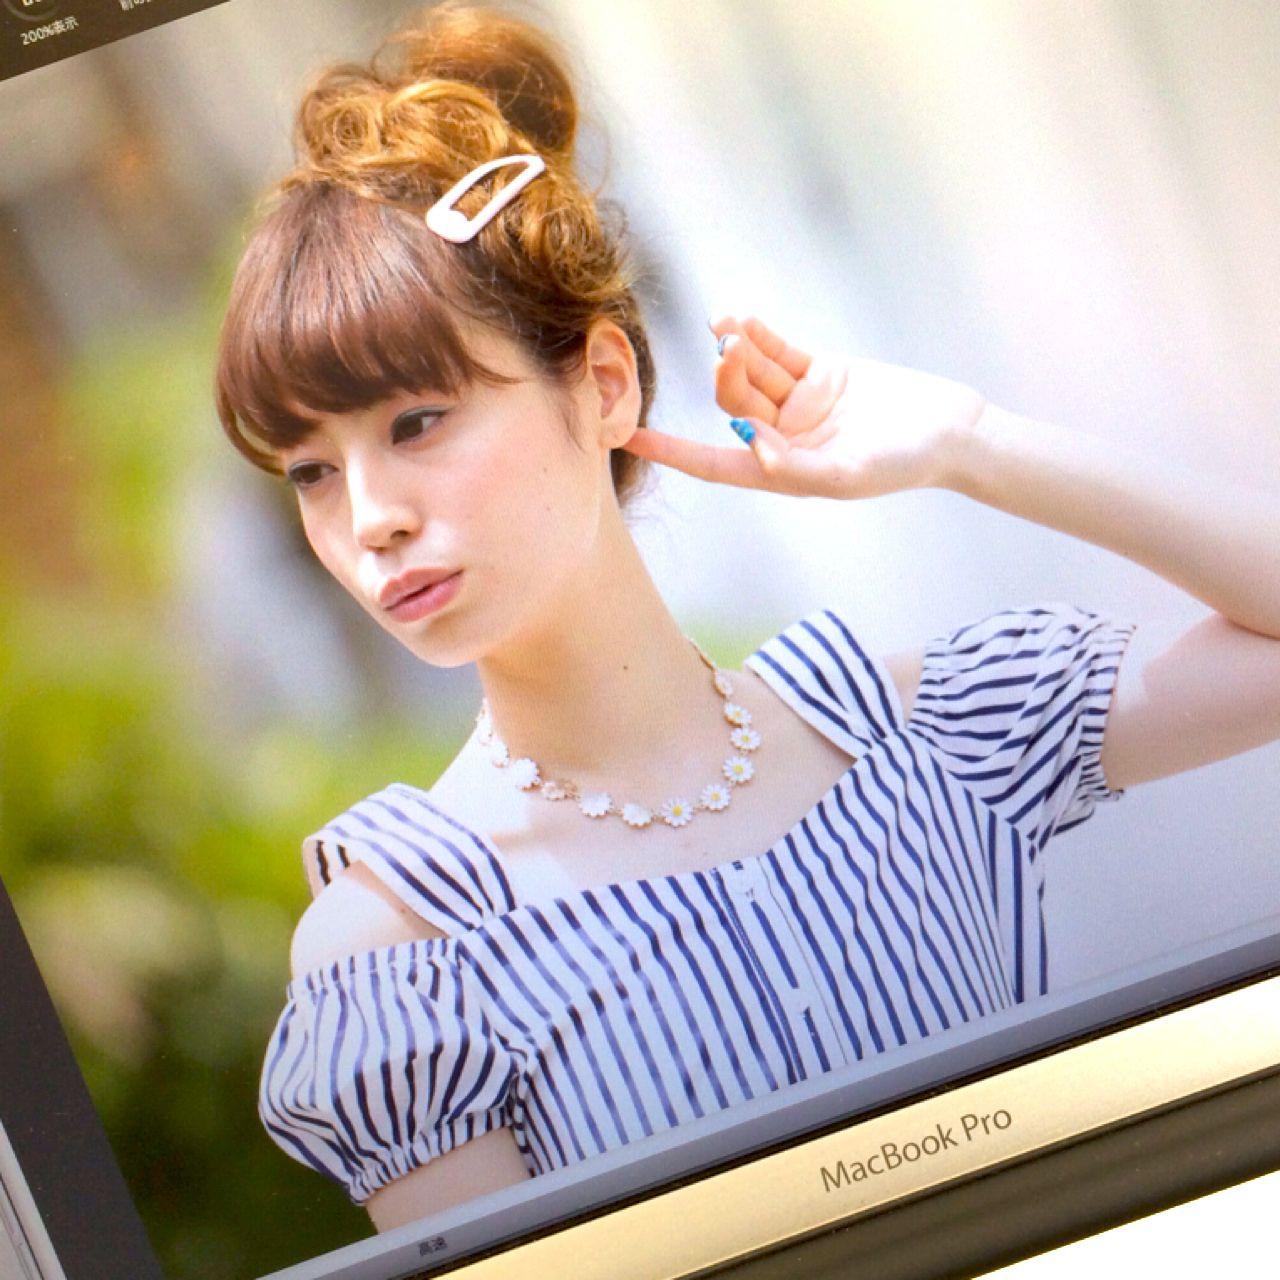 夏が来る前にチェックしよう!水着に合わせやすい髪型10選 伊藤沙織